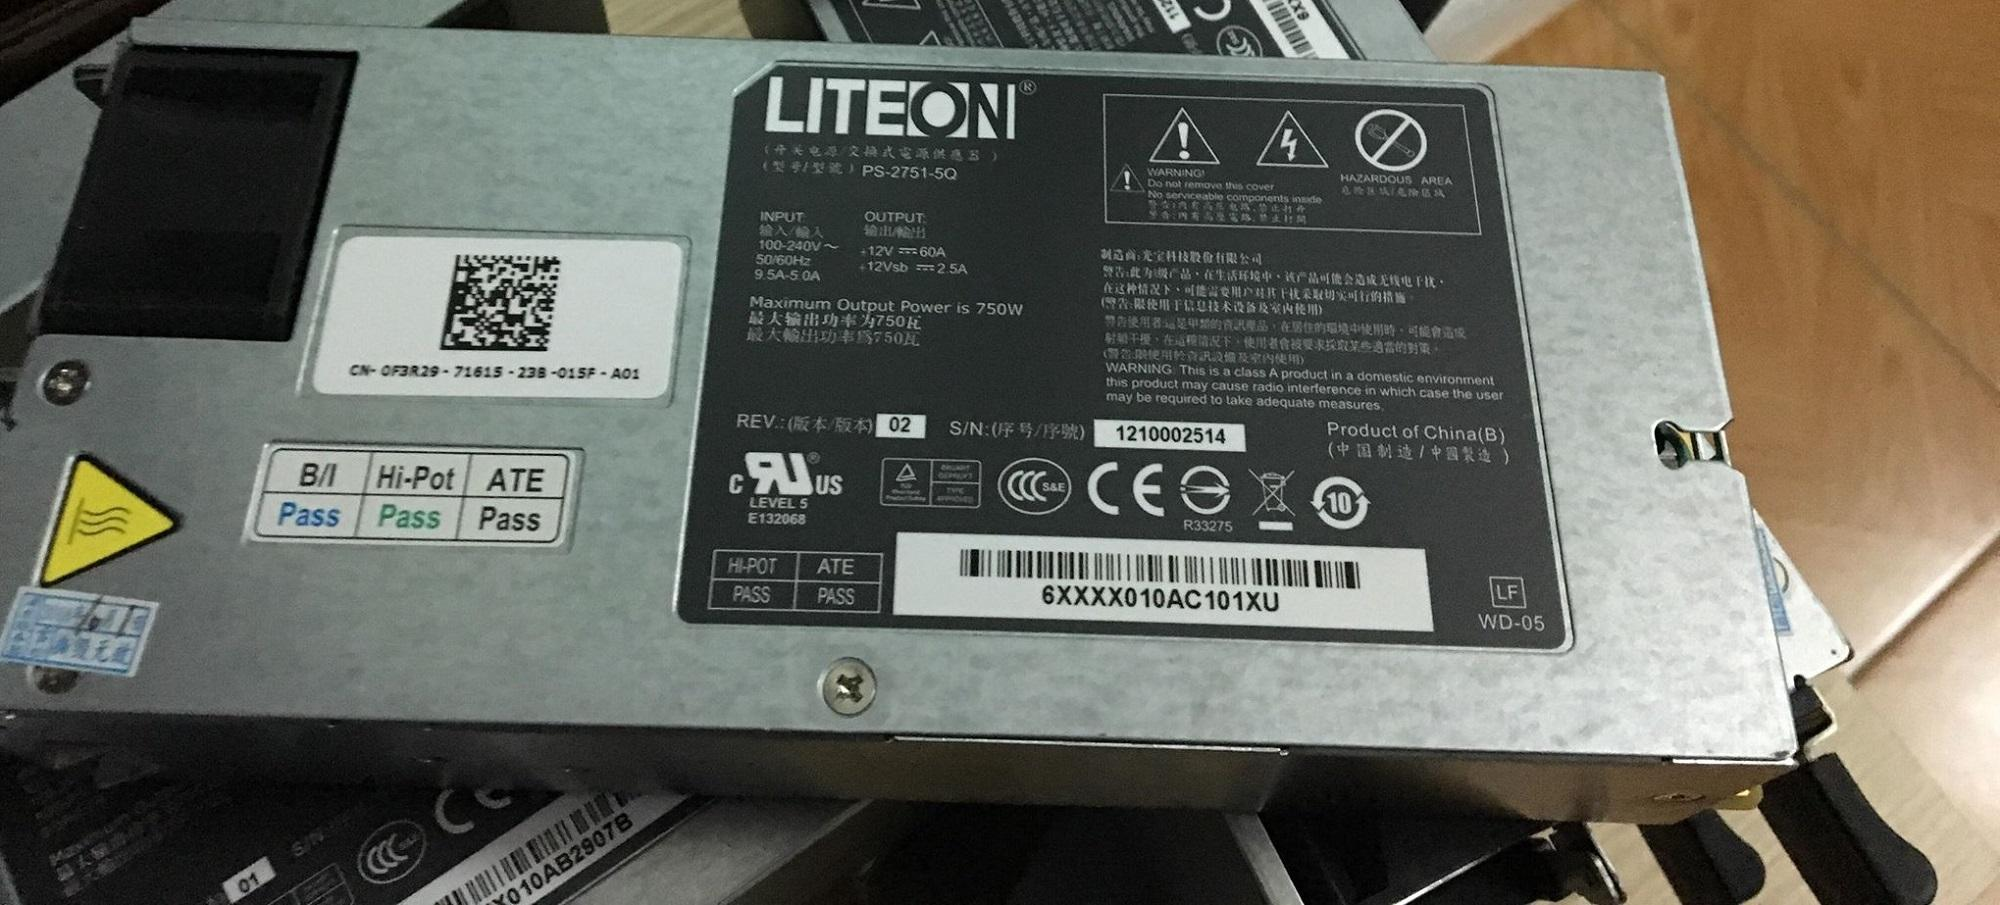 Nguồn SERVER DELL Liteon 12v 750W(~60A)